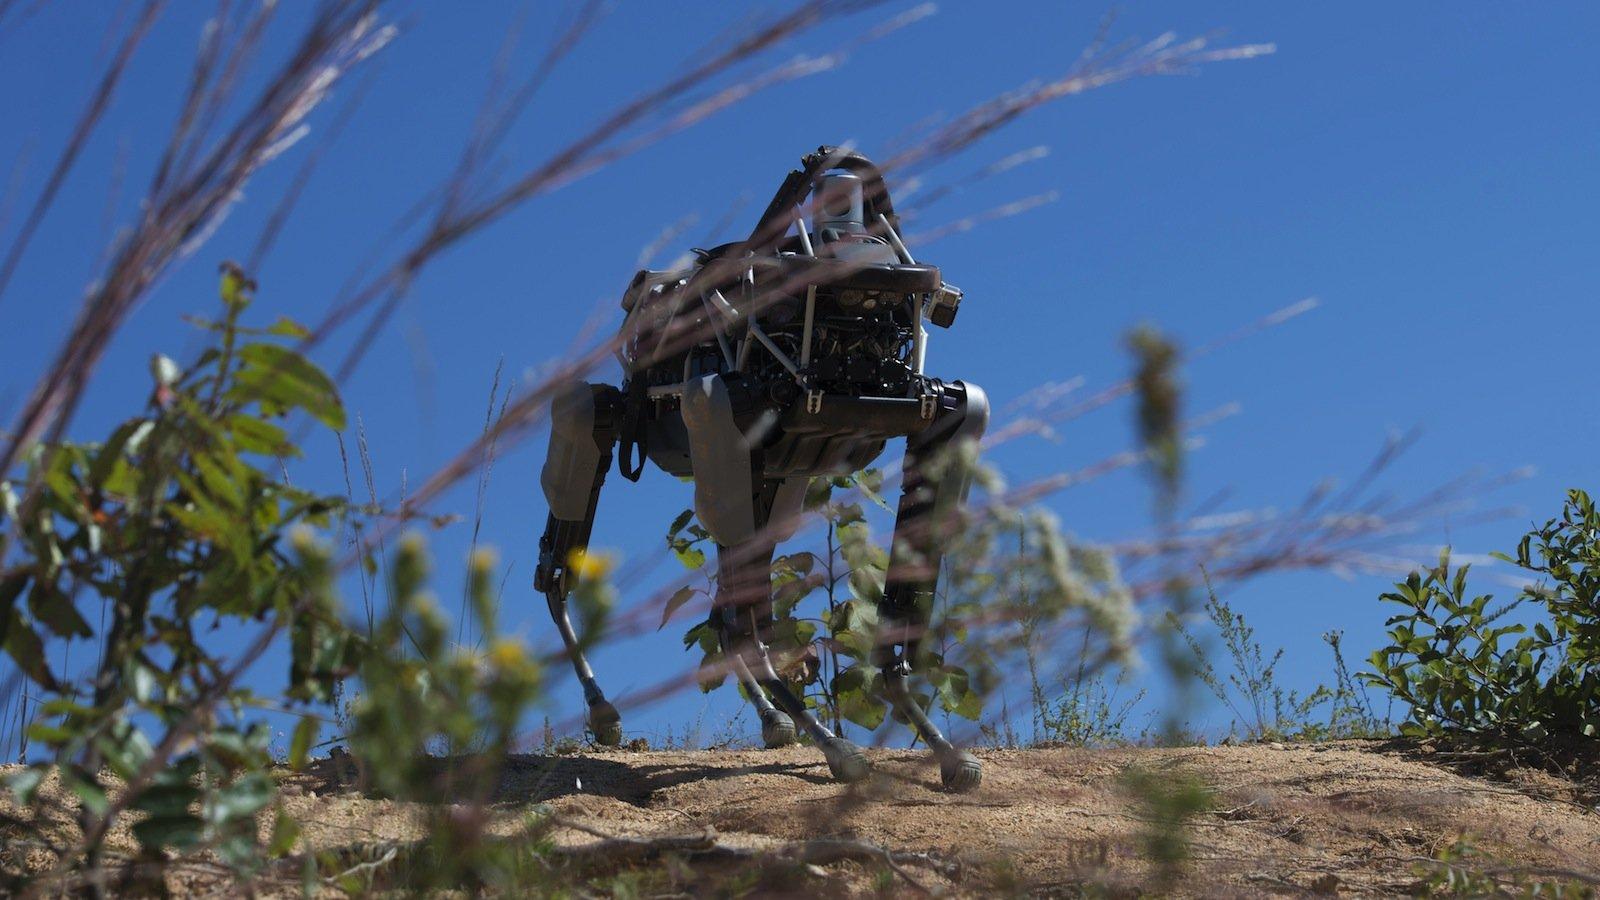 Das ist Spot, ein 73 Kilo schwerer Roboter-Hund, der bei den US-Marines einen Geländetest absolvieren musste.